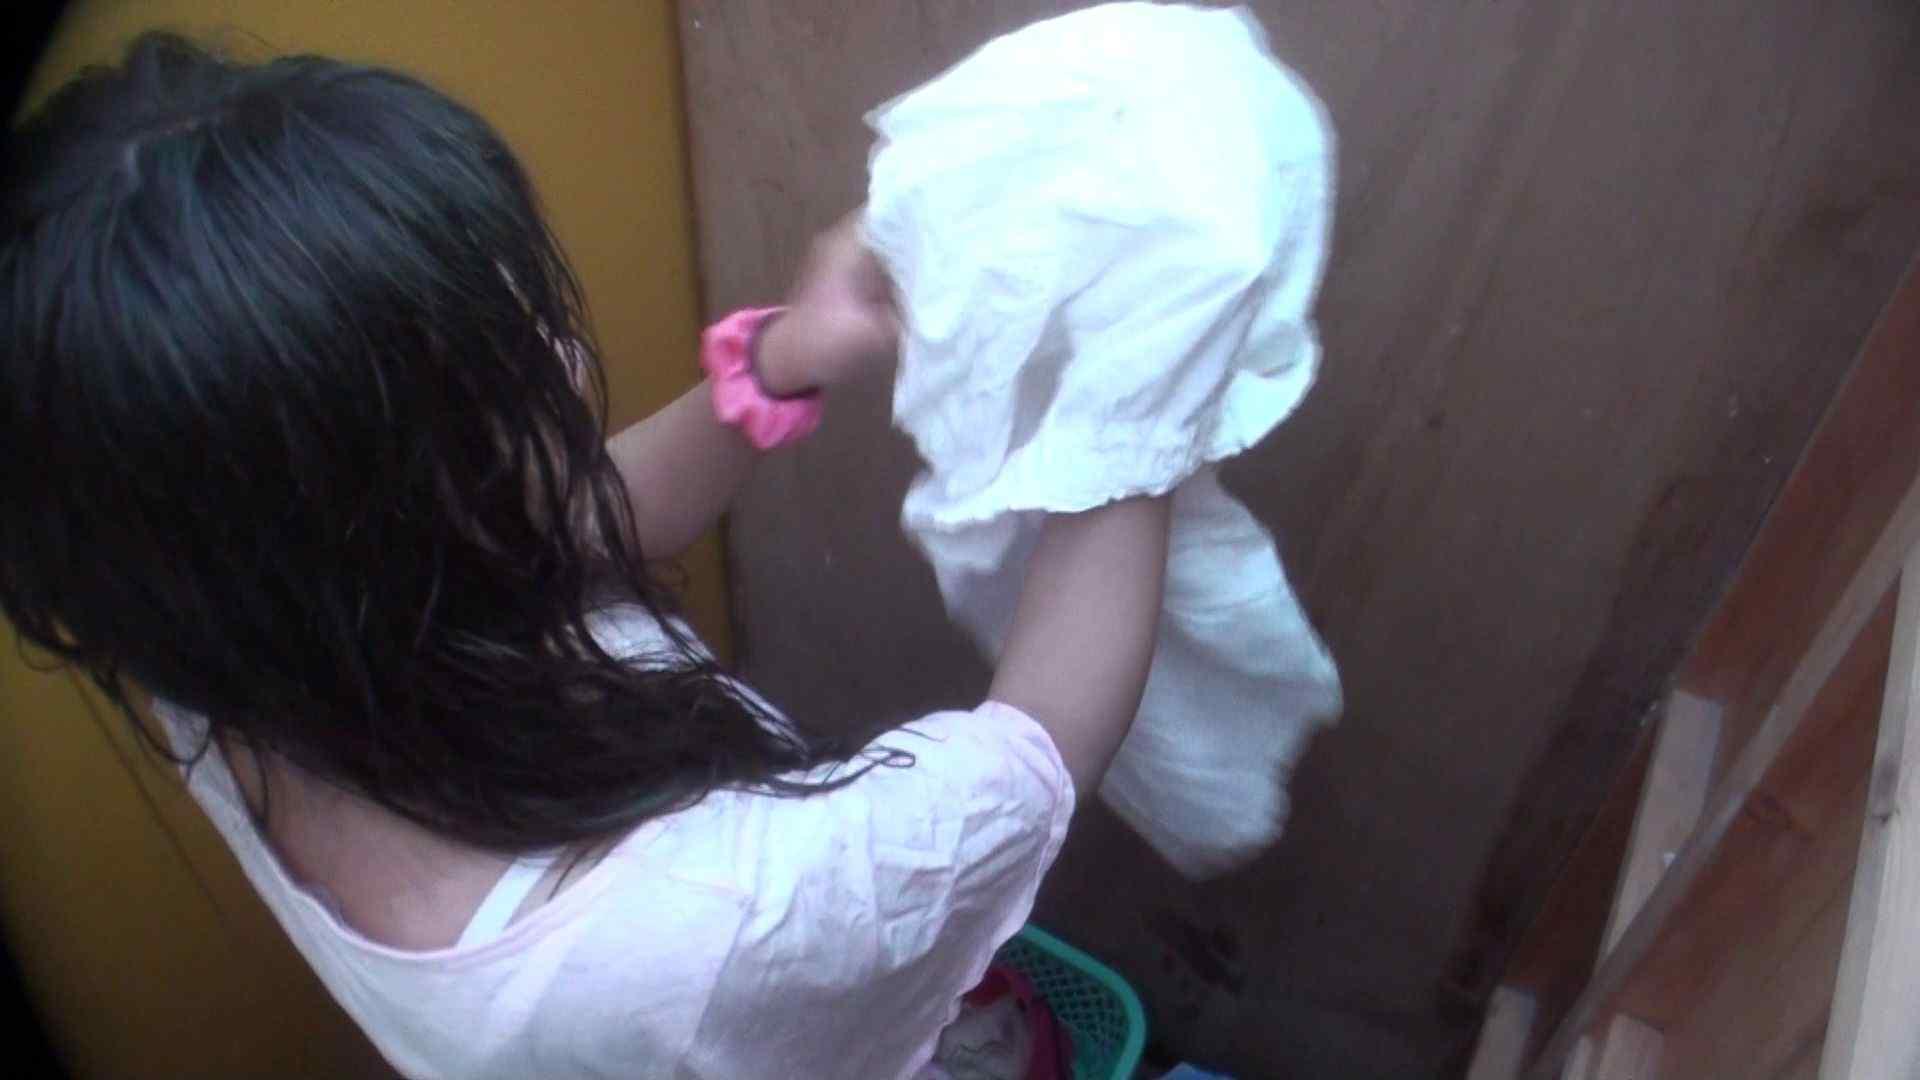 シャワールームは超!!危険な香りVol.13 ムッチムチのいやらしい身体つき 高画質  76pic 9